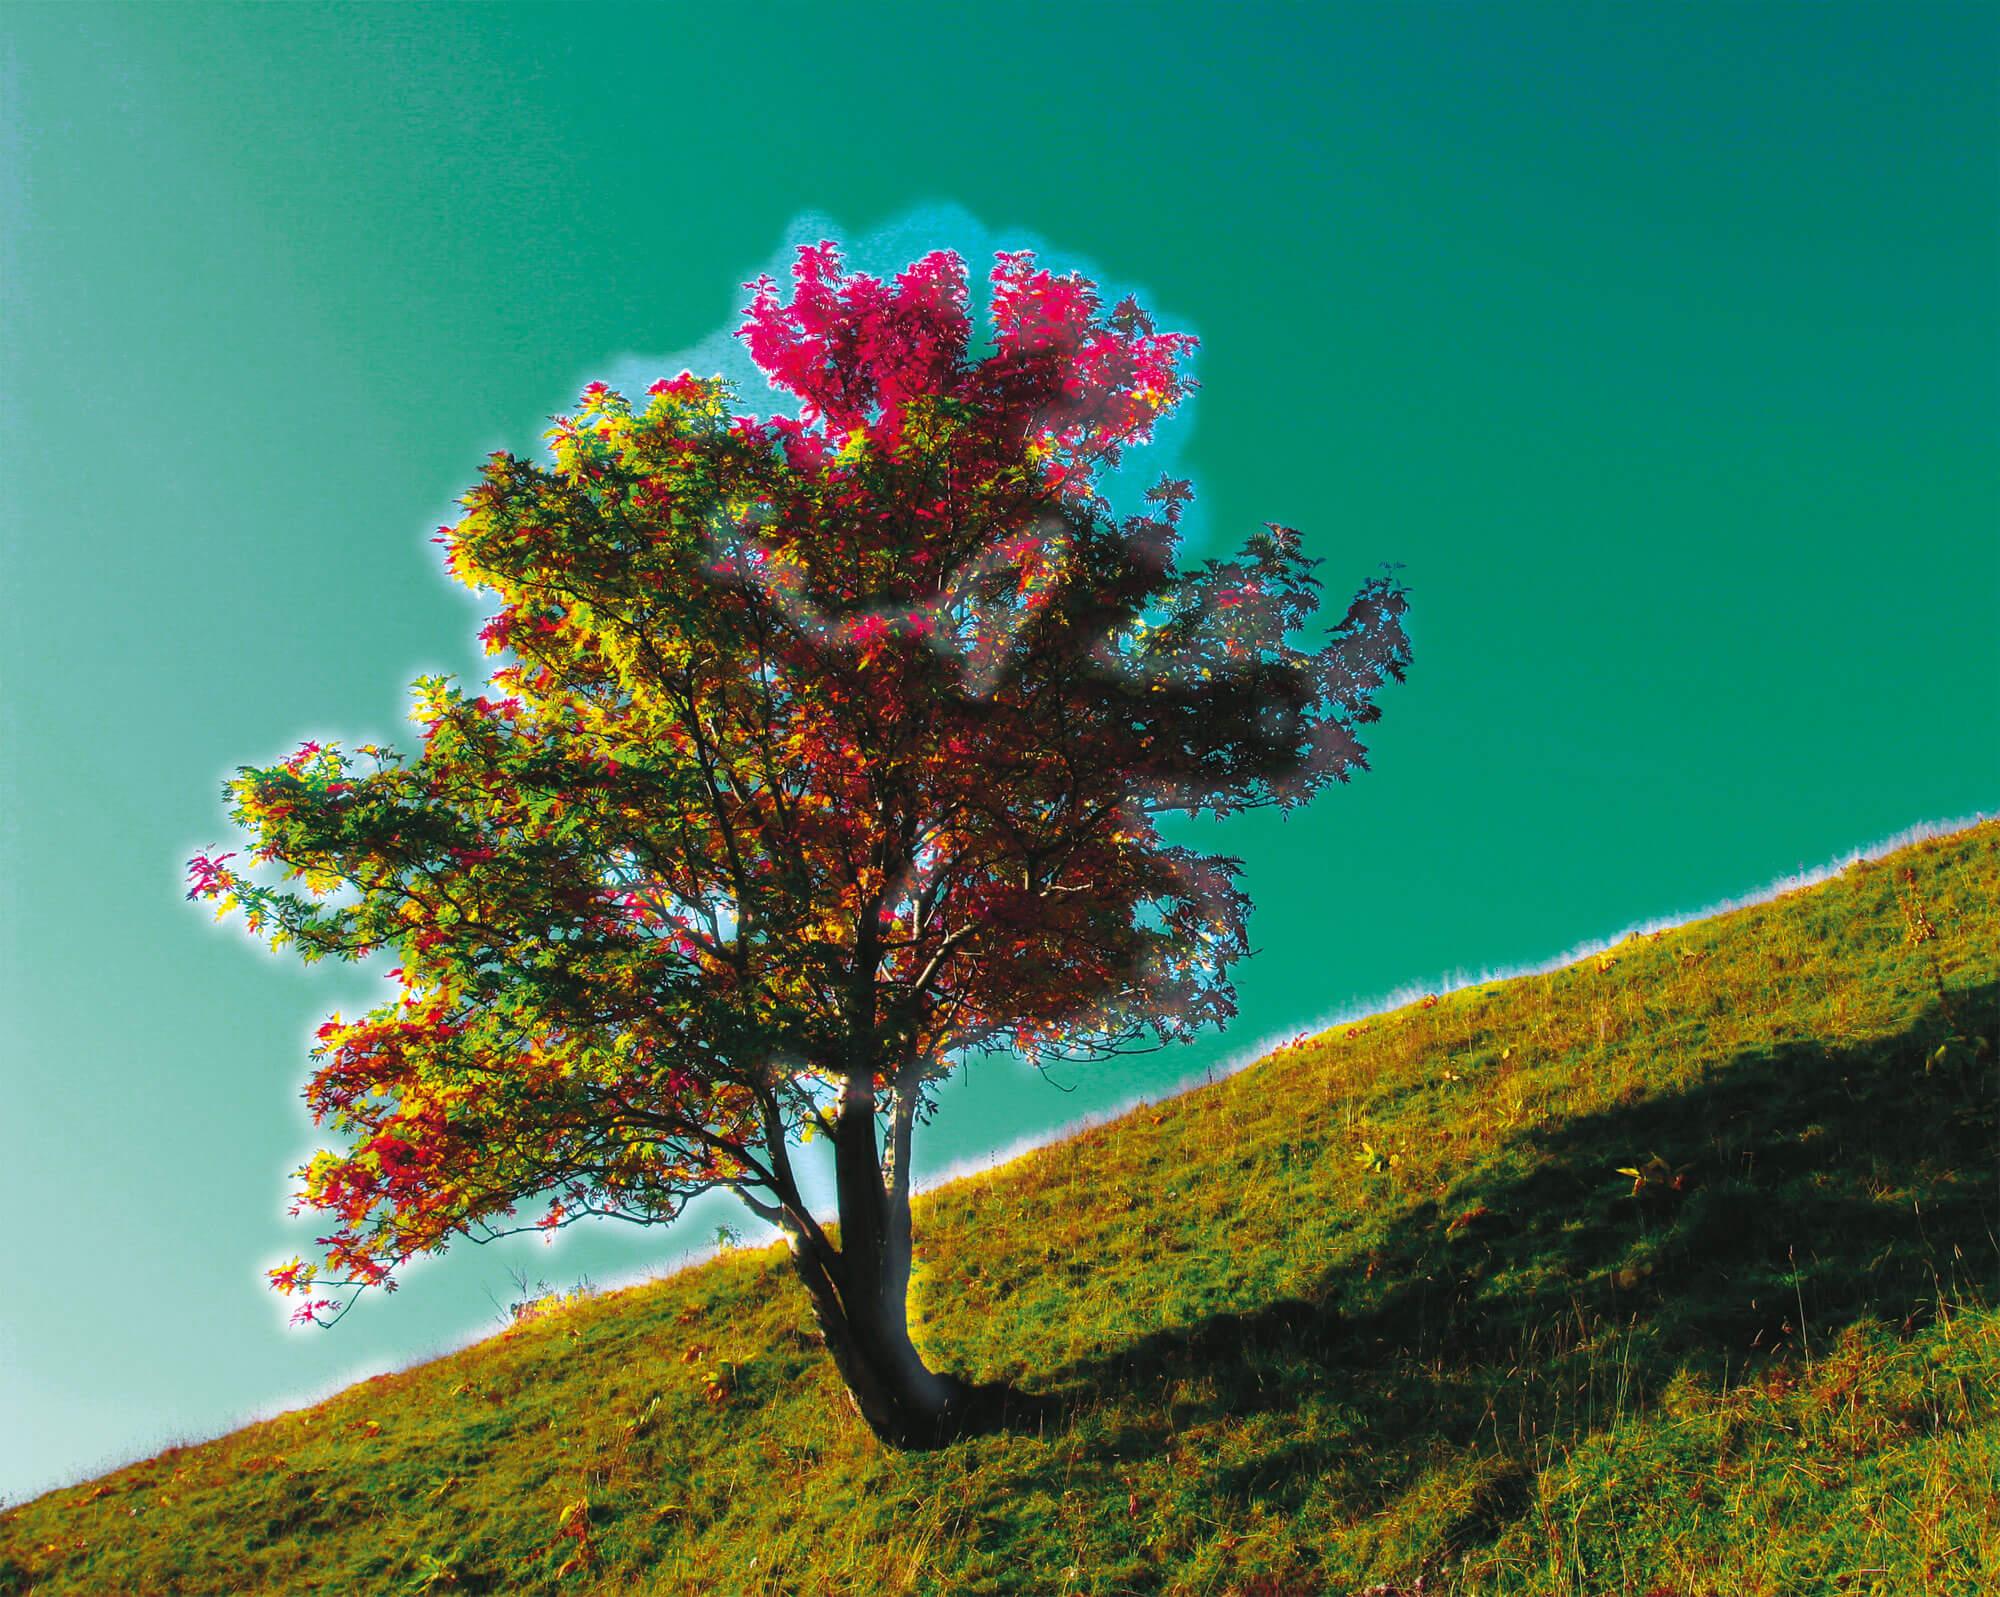 Vision des oiseaux ultraviolet arbre